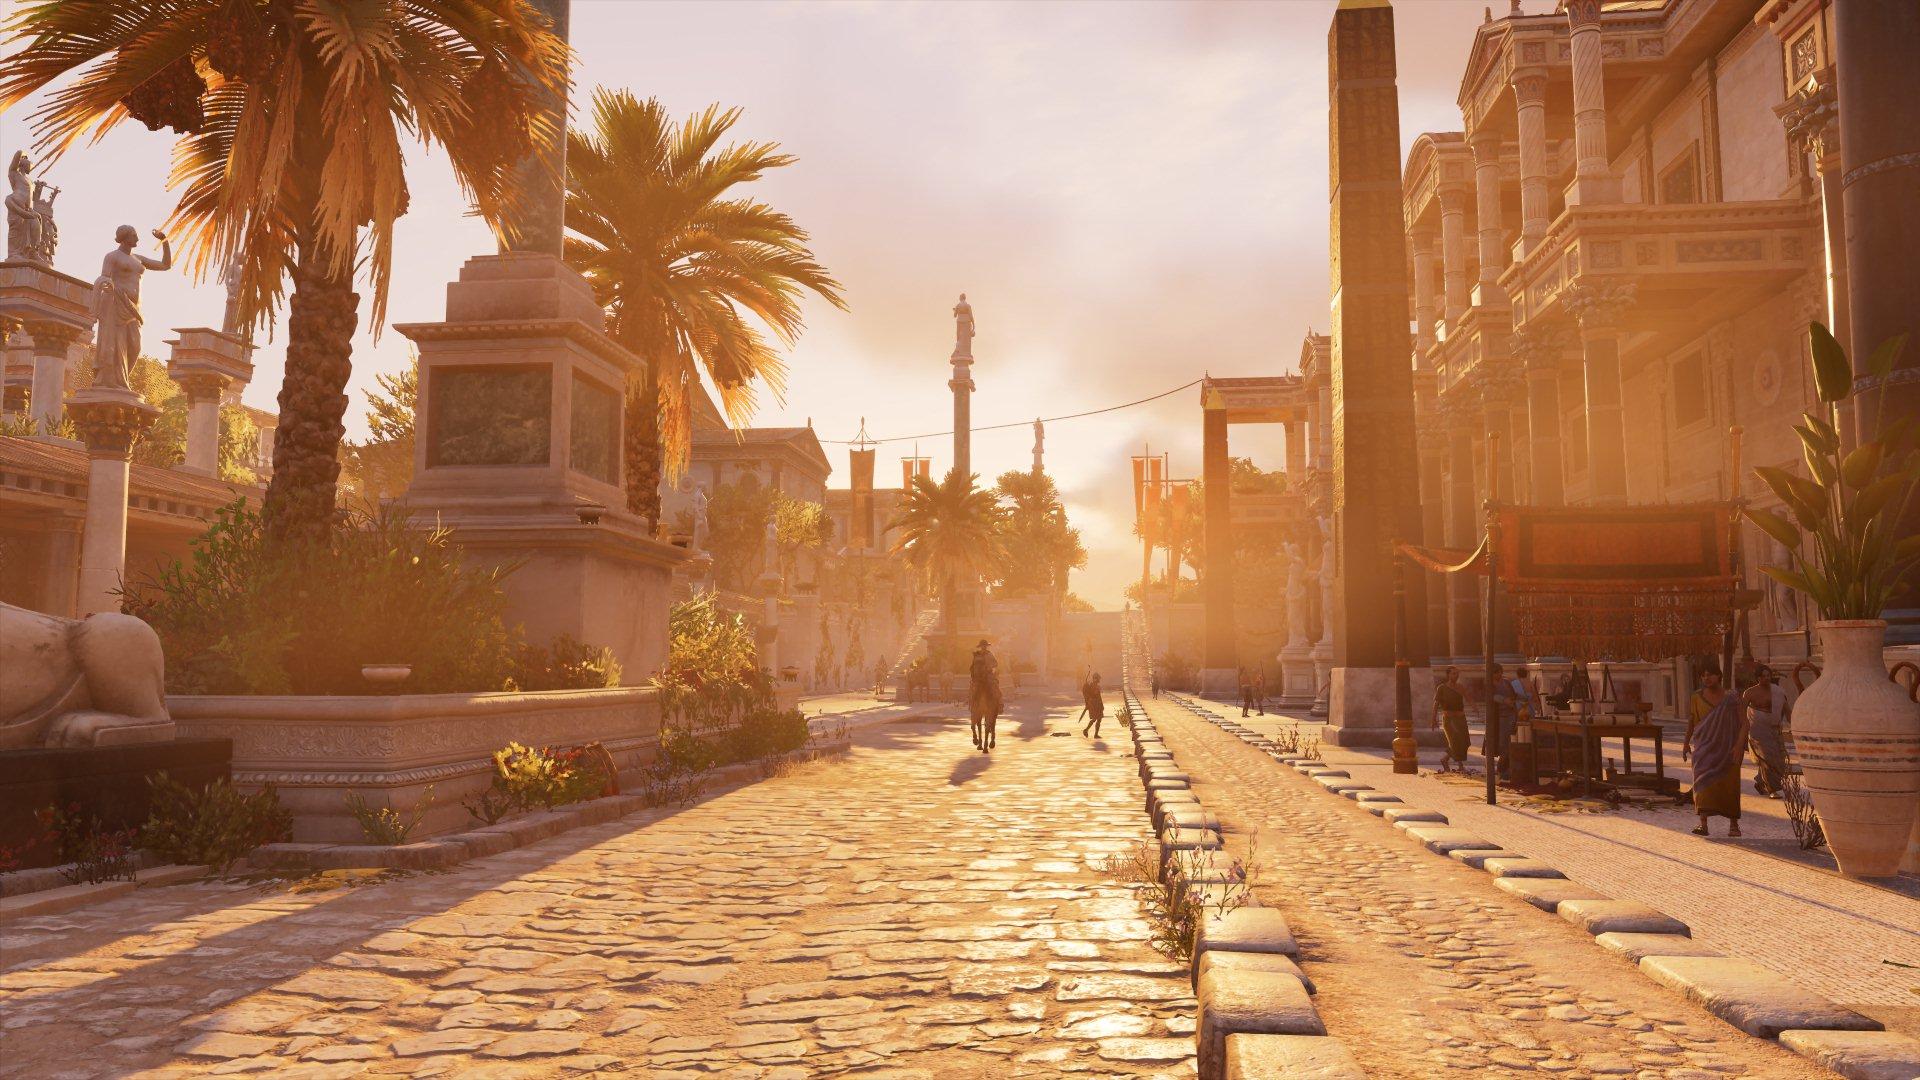 00005.Jpg - Assassin's Creed: Origins